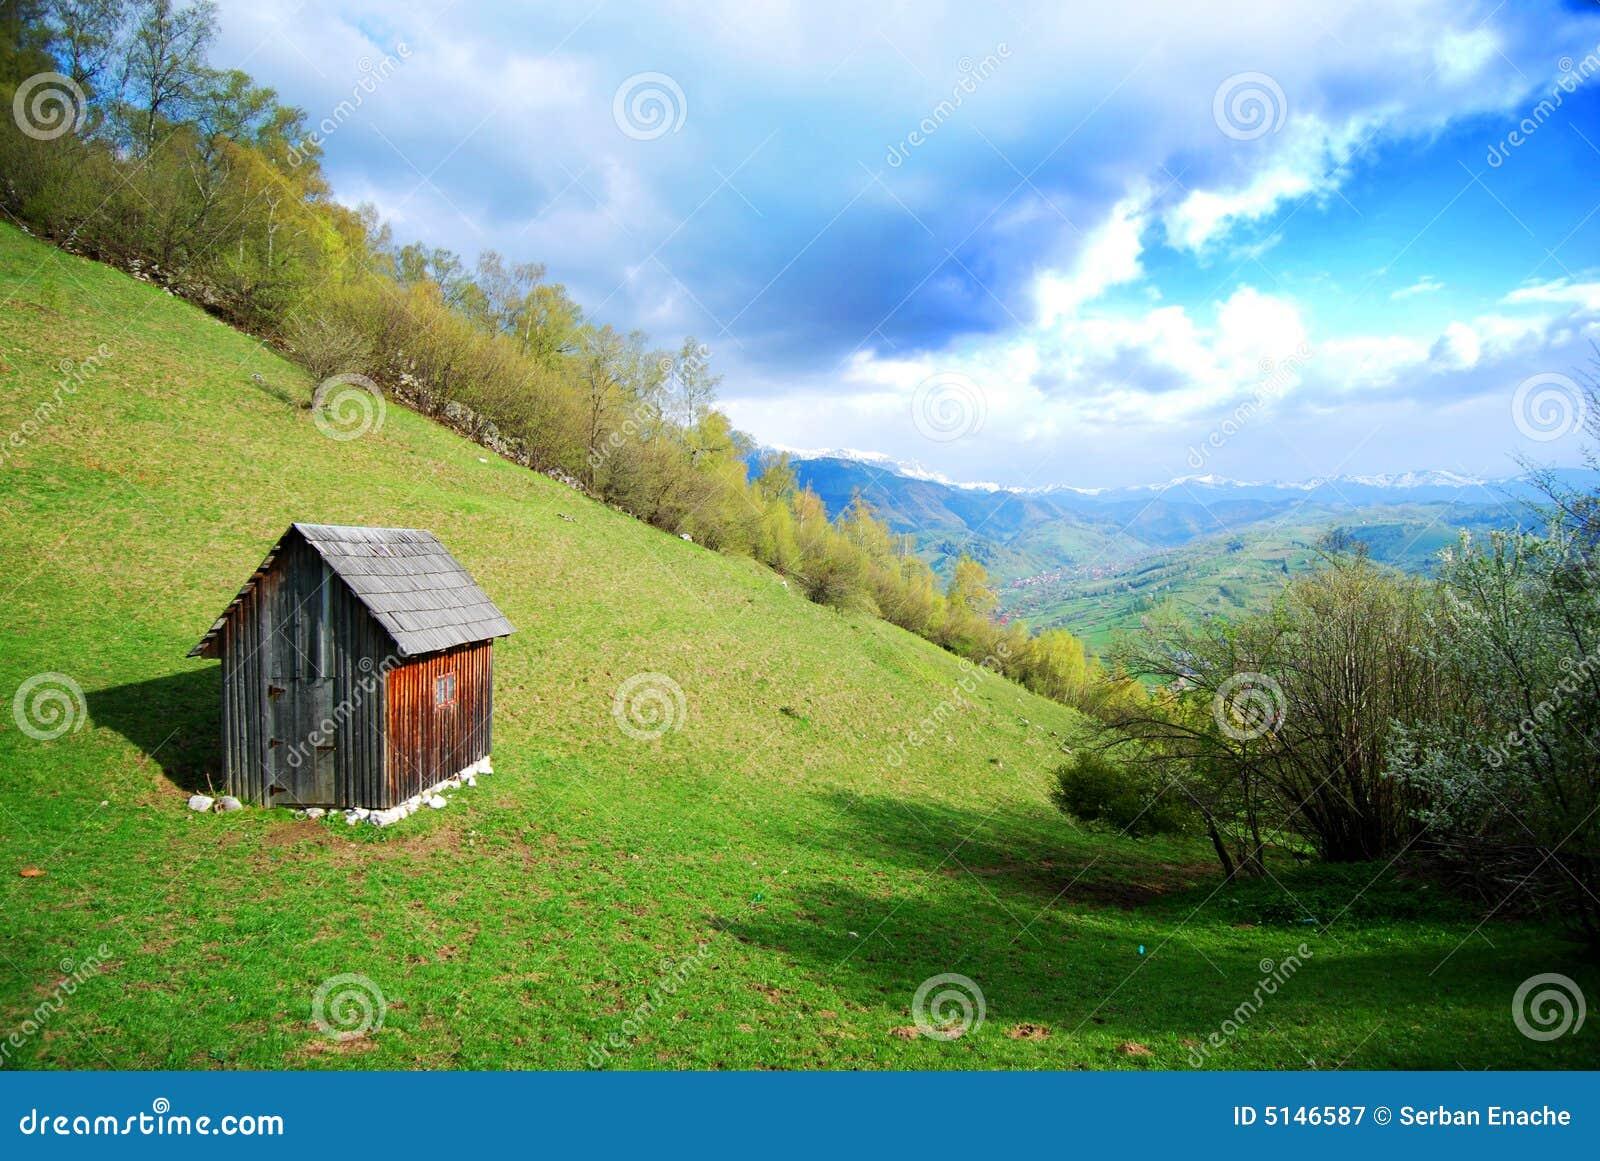 Kleine hut op een helling royalty vrije stock fotografie afbeelding 5146587 - Moderne huis op een helling ...